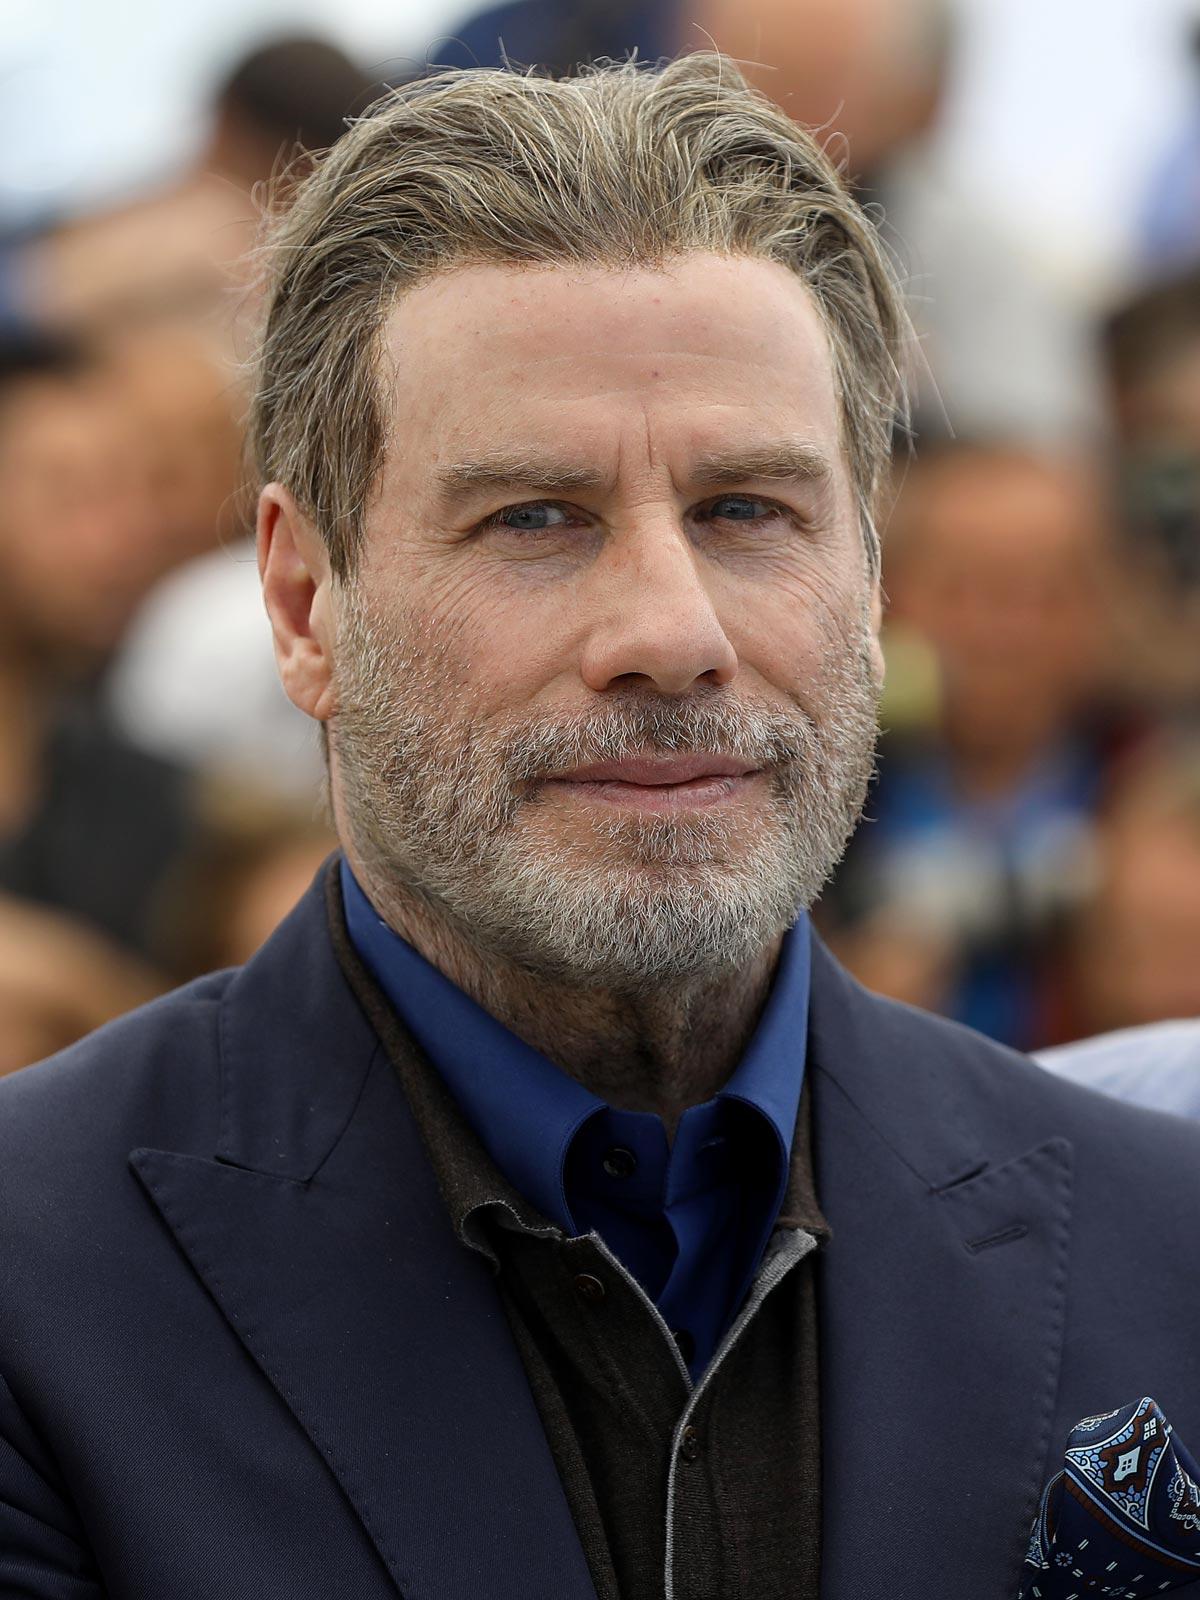 John Travolta : Mejores películas y series - SensaCine.com